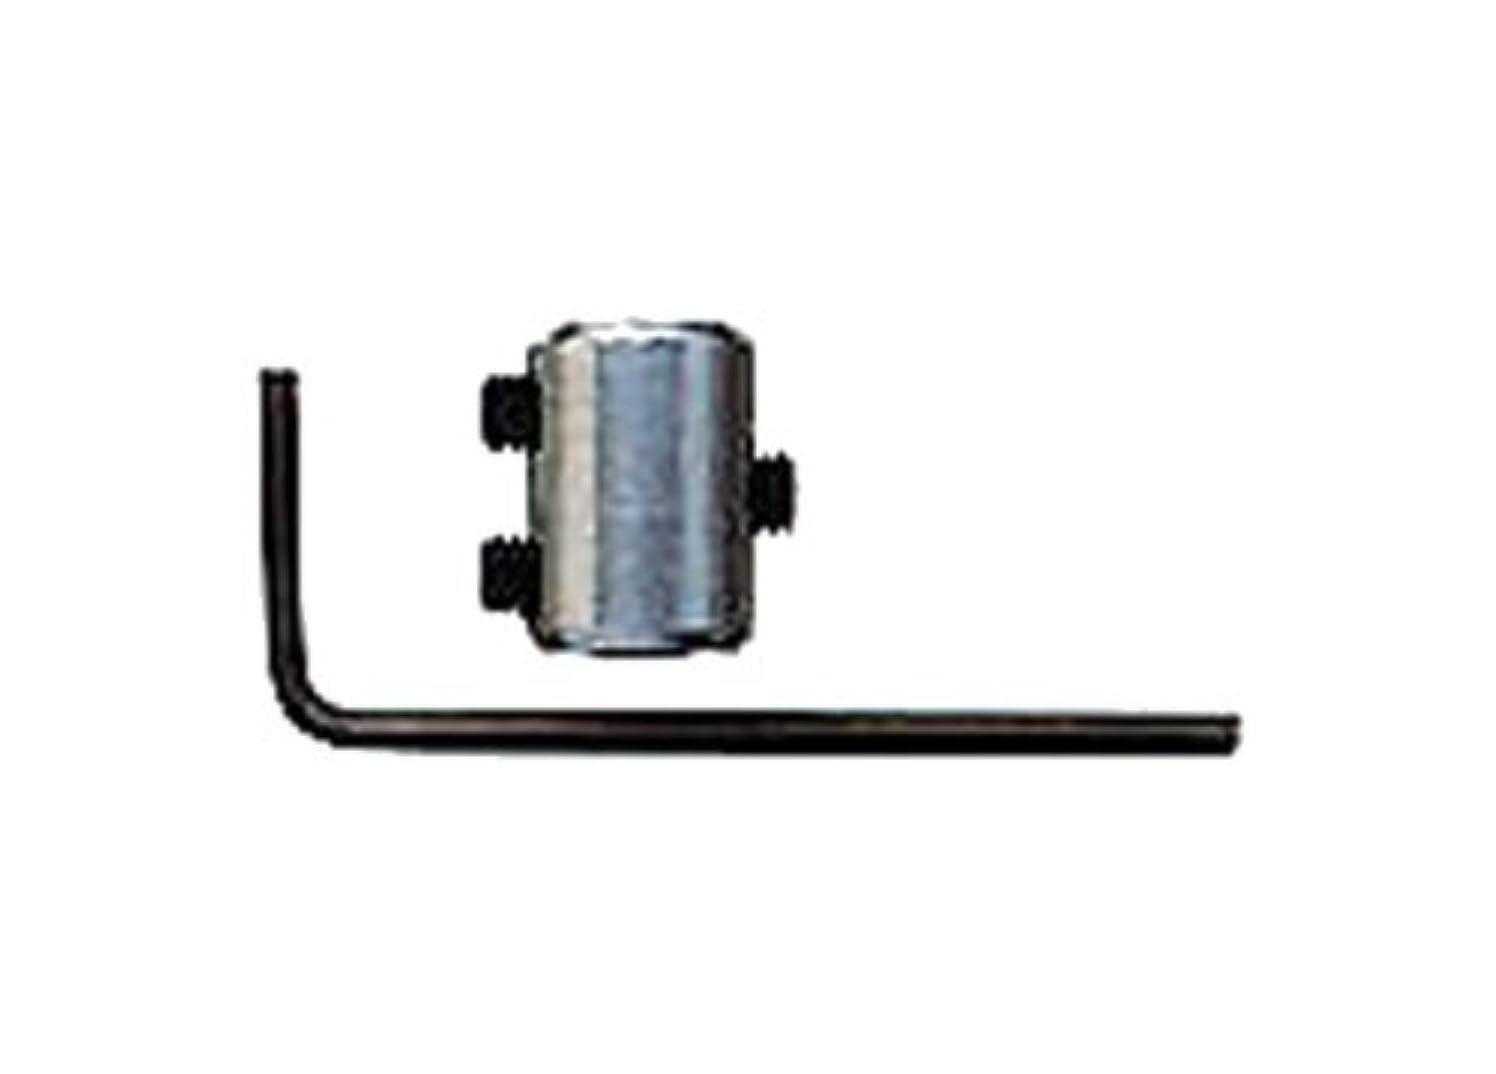 シダスカリーイタリックニッサチェイン 真鍮サーキュラスリーブ ワイヤーロープ径0.81~1.0mm用 20入 BYP-10C